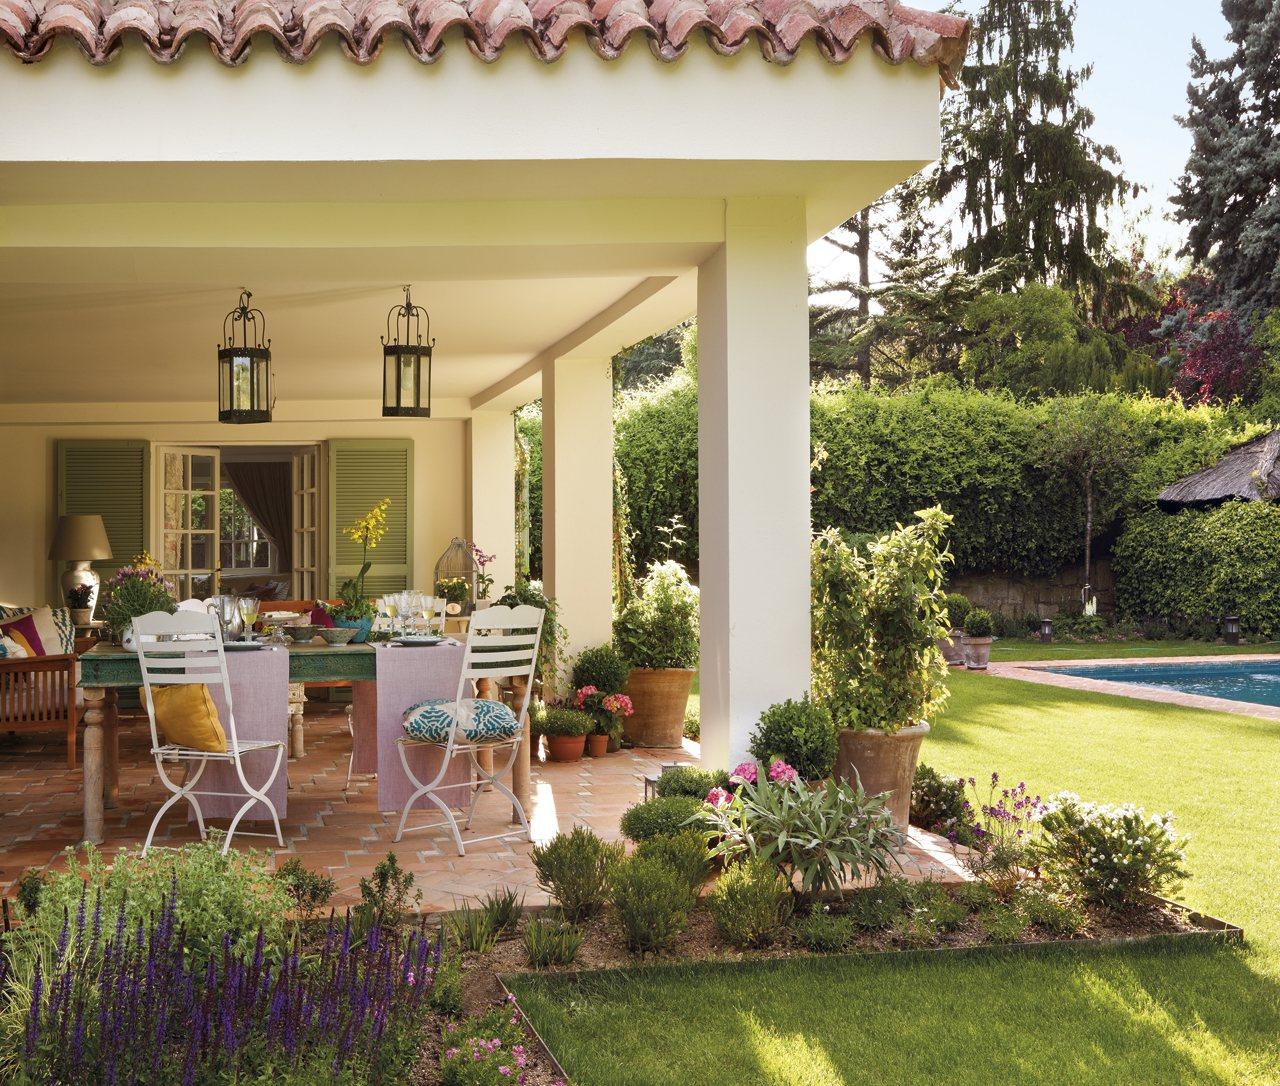 Una finca cl sica en las afueras de madrid for Casas con porche y piscina